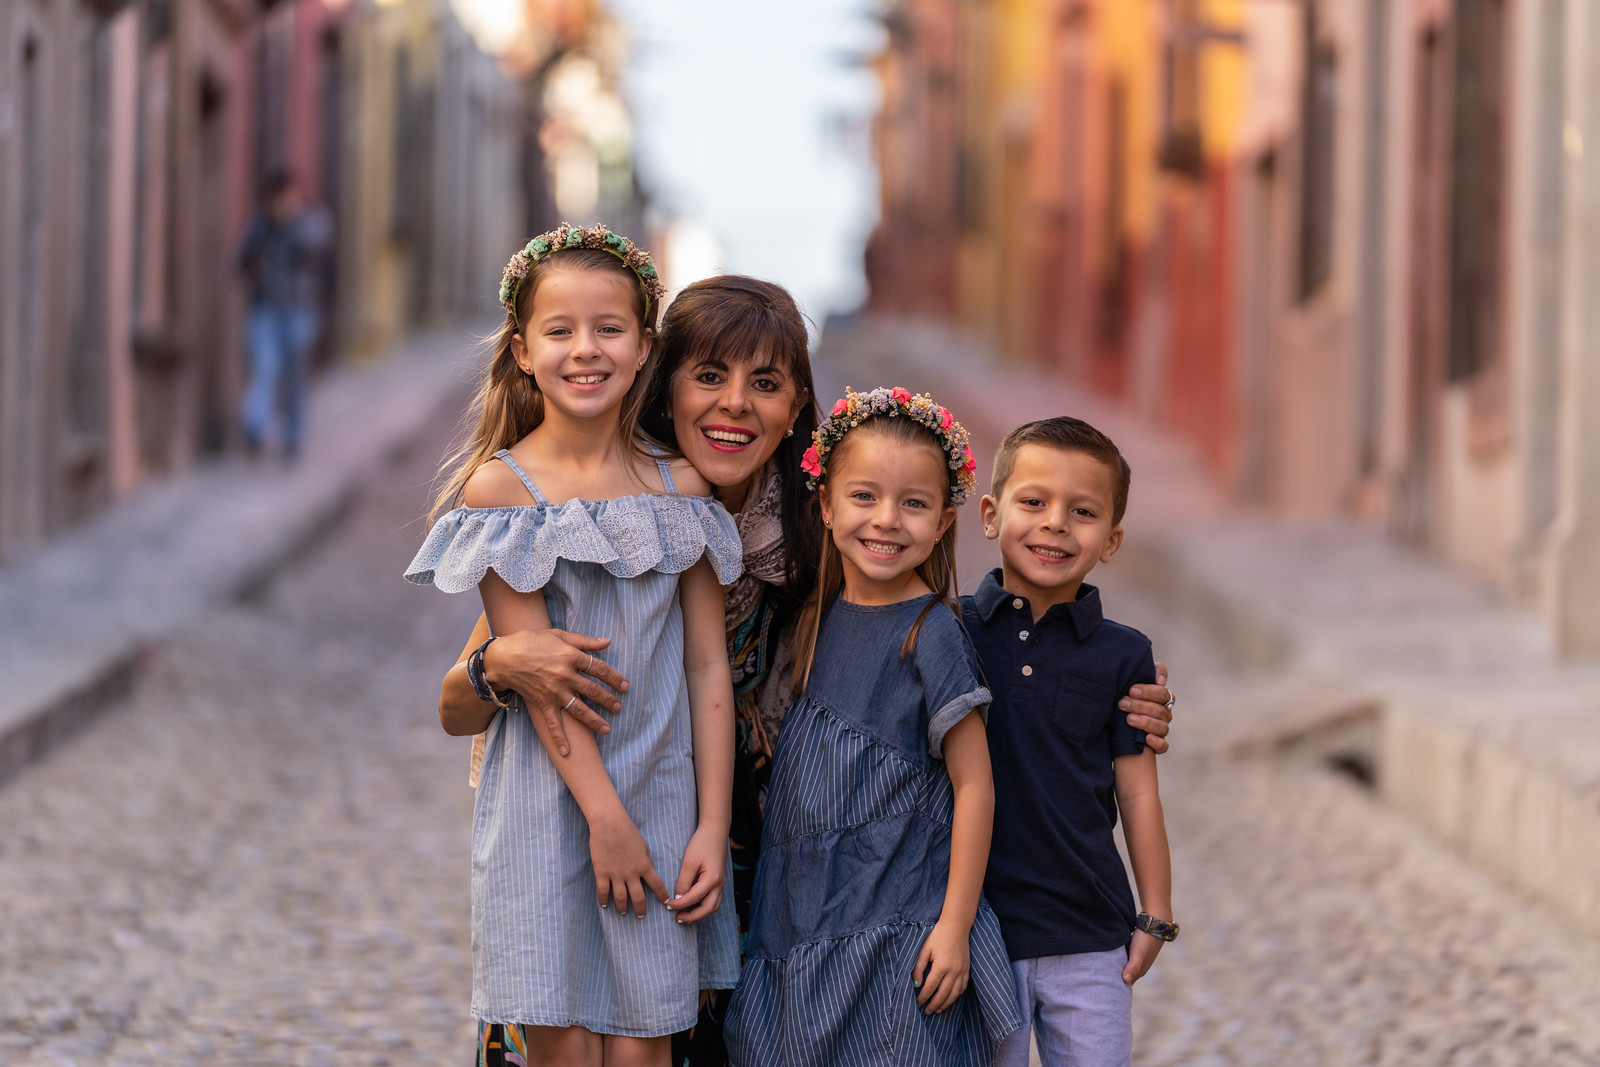 Sesion de Fotos Familiar en San Miguel de Allende con Jimena y su Familia-32.jpg